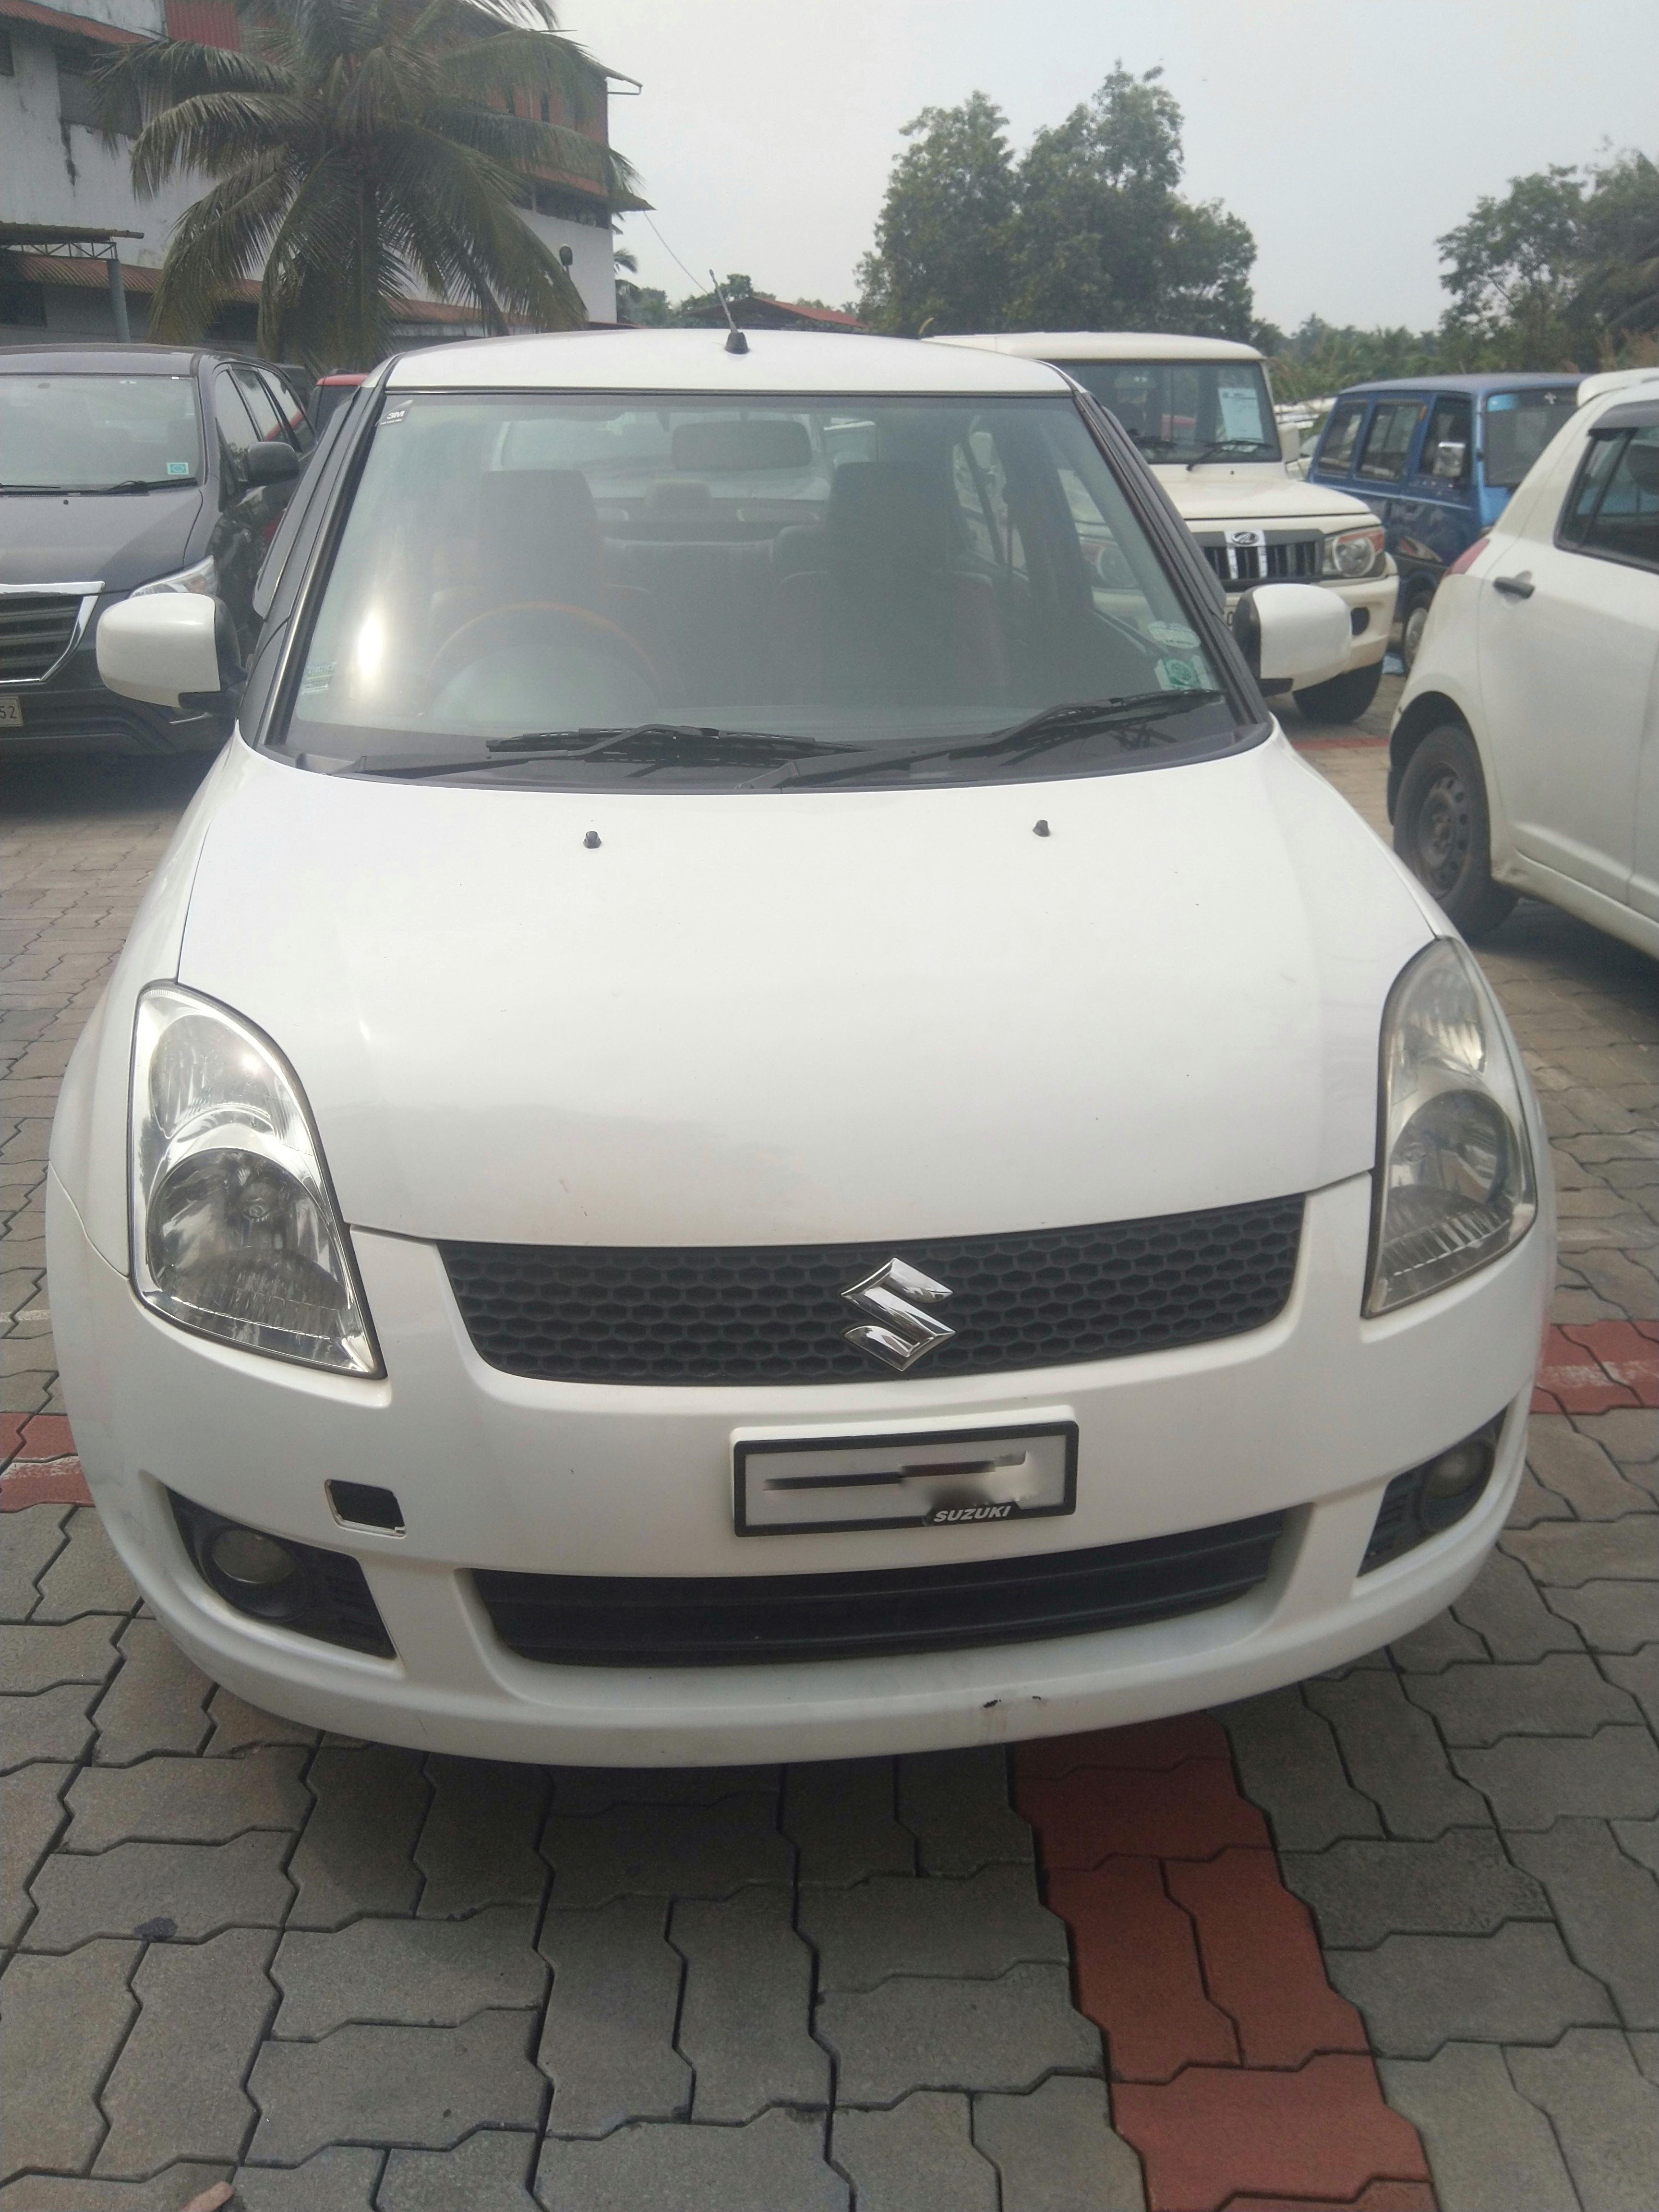 Used Maruti Suzuki Swift Dzire Tour In Tirur 2012 Model India At Best Price Id 45632